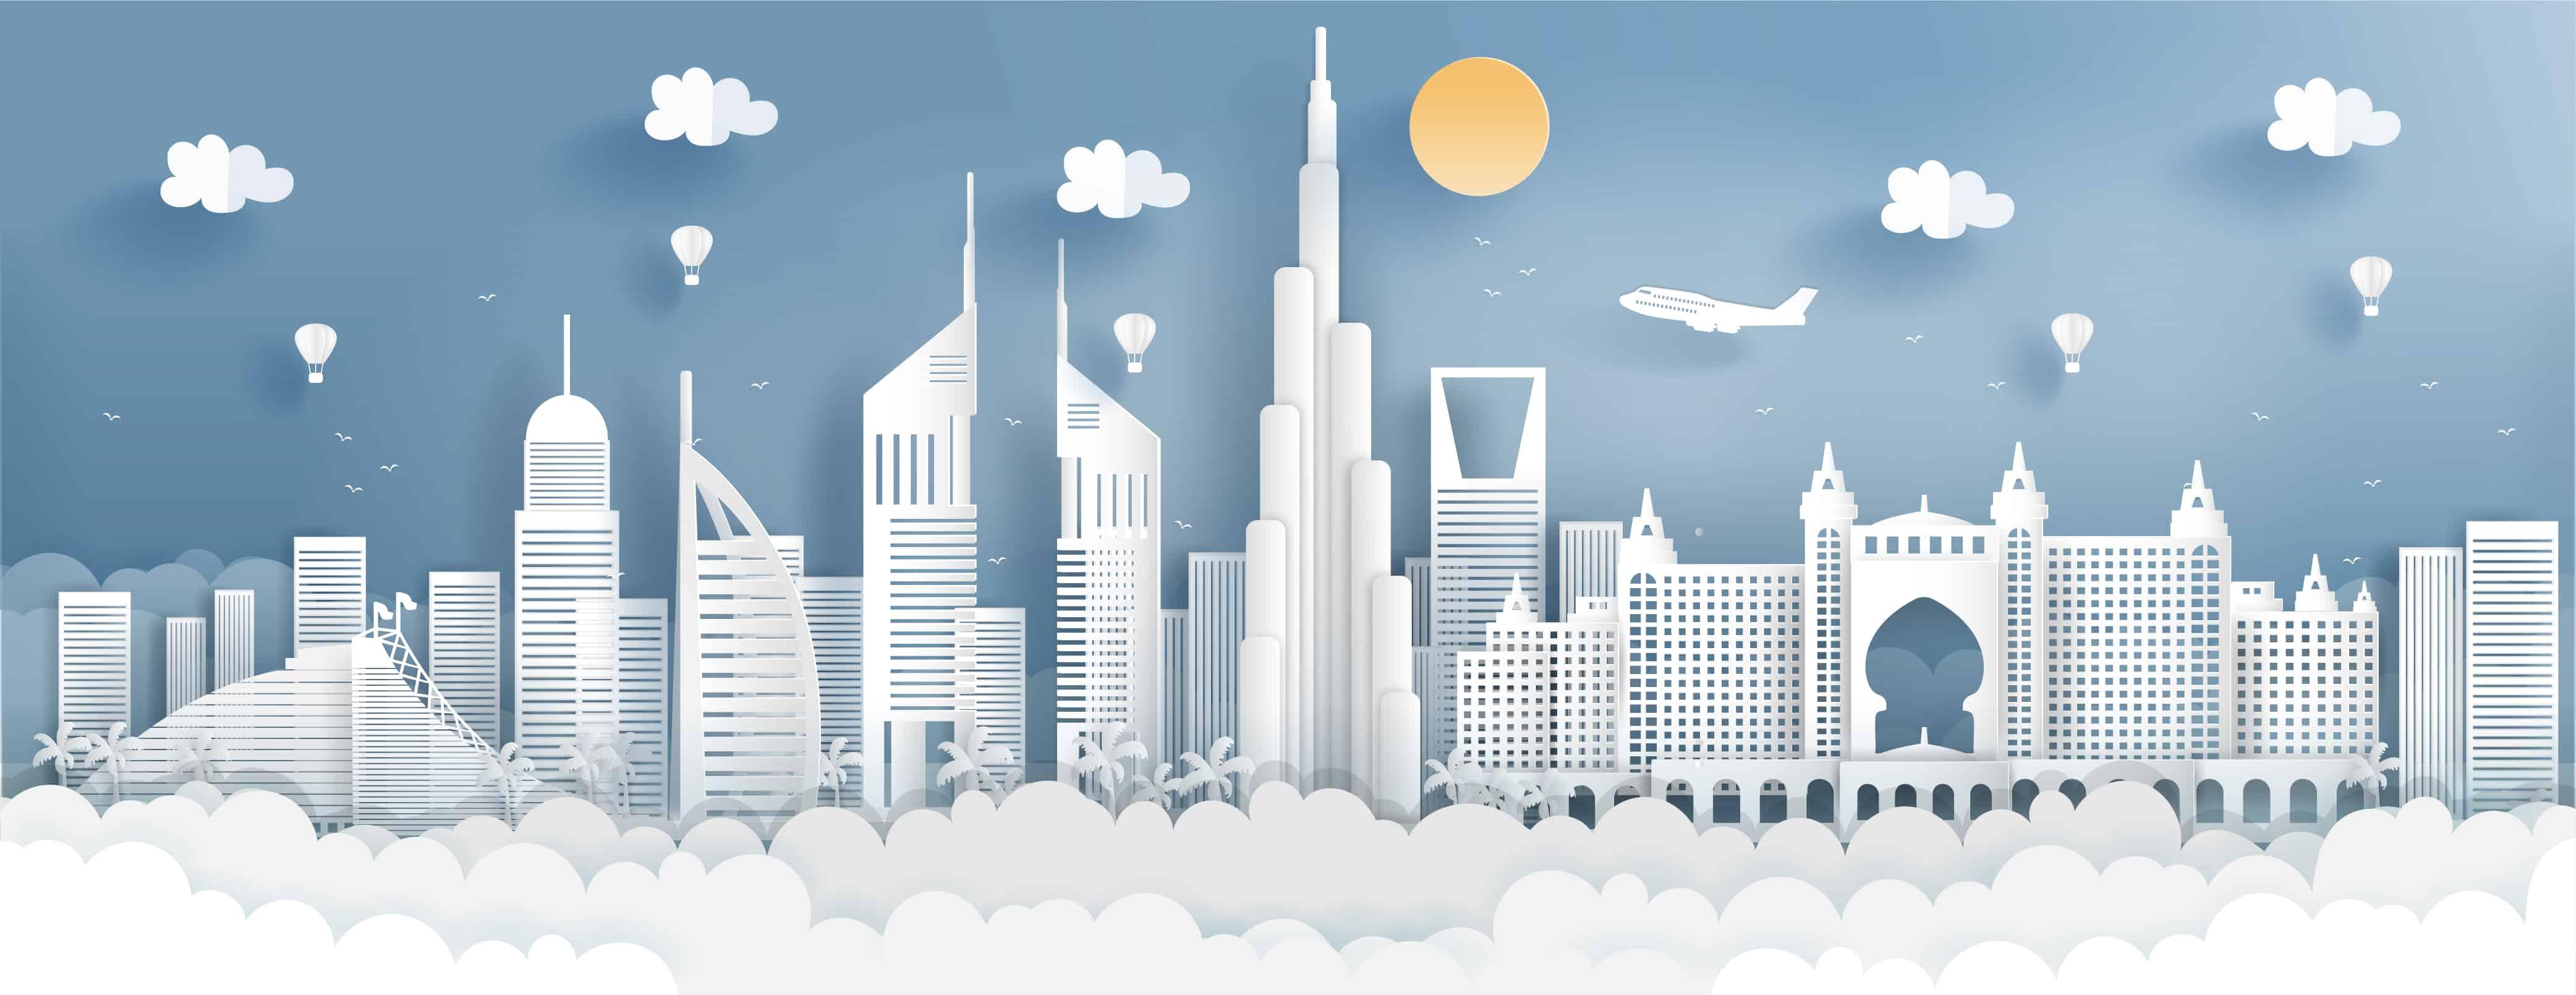 ما هي استراتيجية دبي للمعاملات اللاورقية؟